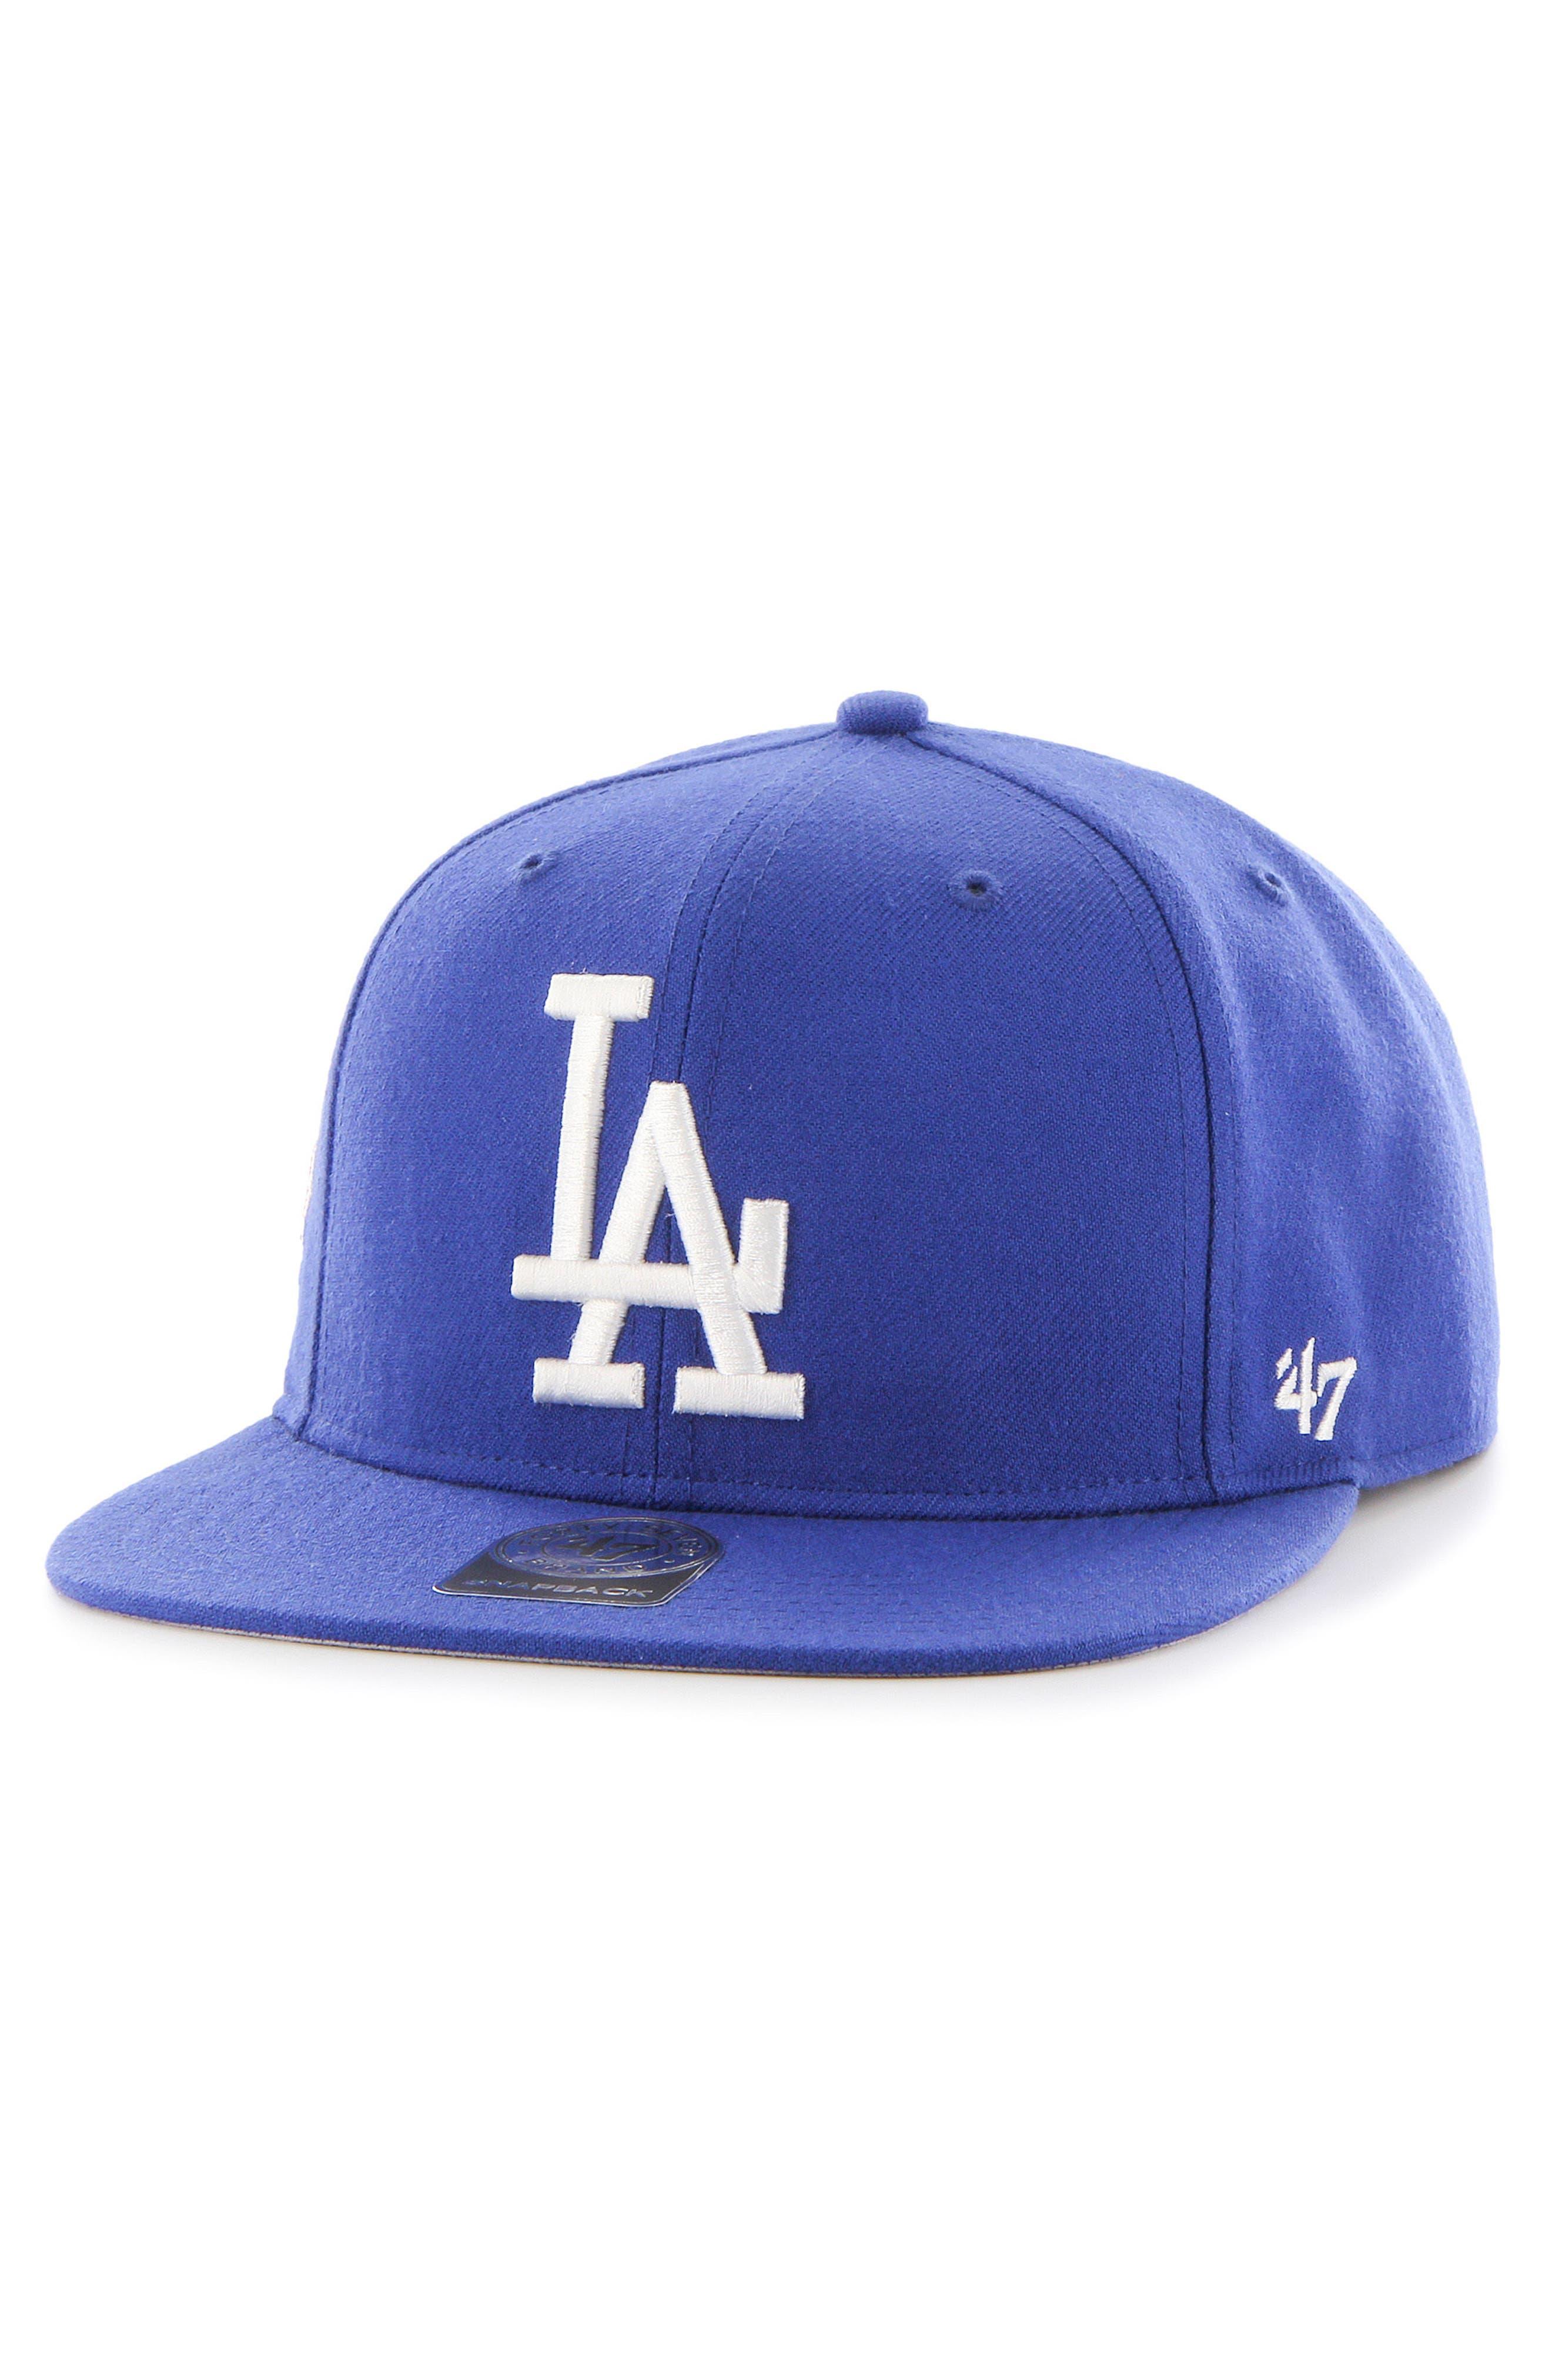 LA Dodgers Sure Shot Captain Baseball Cap,                         Main,                         color, BLUE